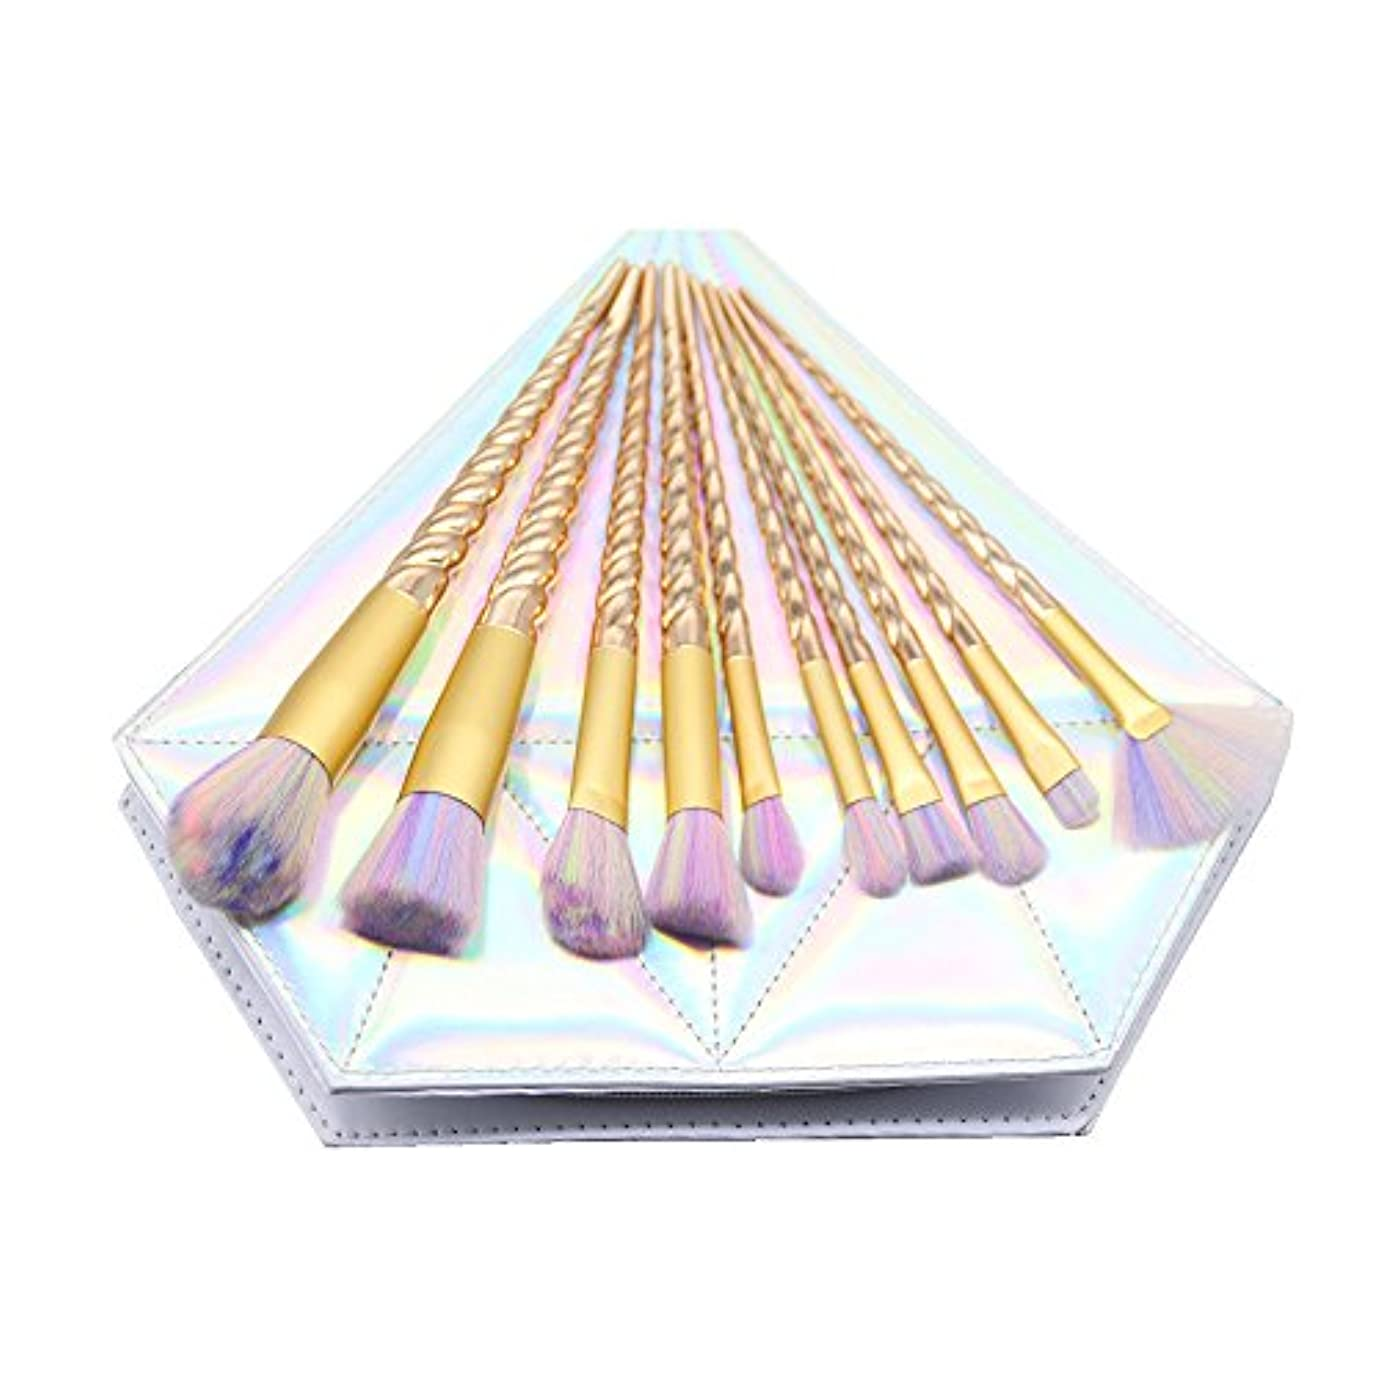 比喩彫るくすぐったいDilla Beauty メイクブラシセット 10本セット ユニコーンデザイン プラスチックハンドル 合成毛 ファンデーションブラシ アイシャドーブラッシャー 美容ツール 化粧品のバッグ付き